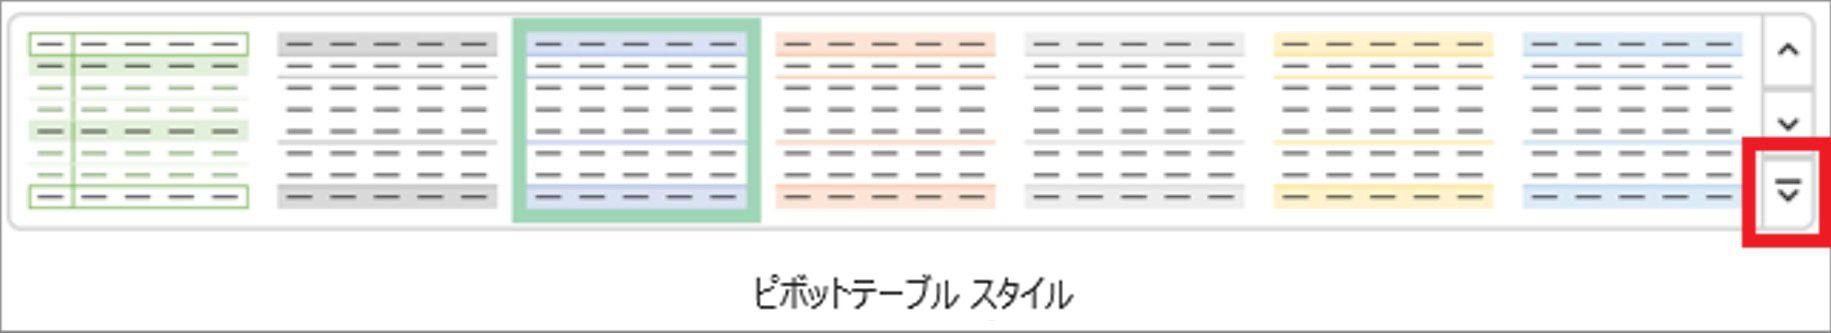 Excel のリボン イメージ